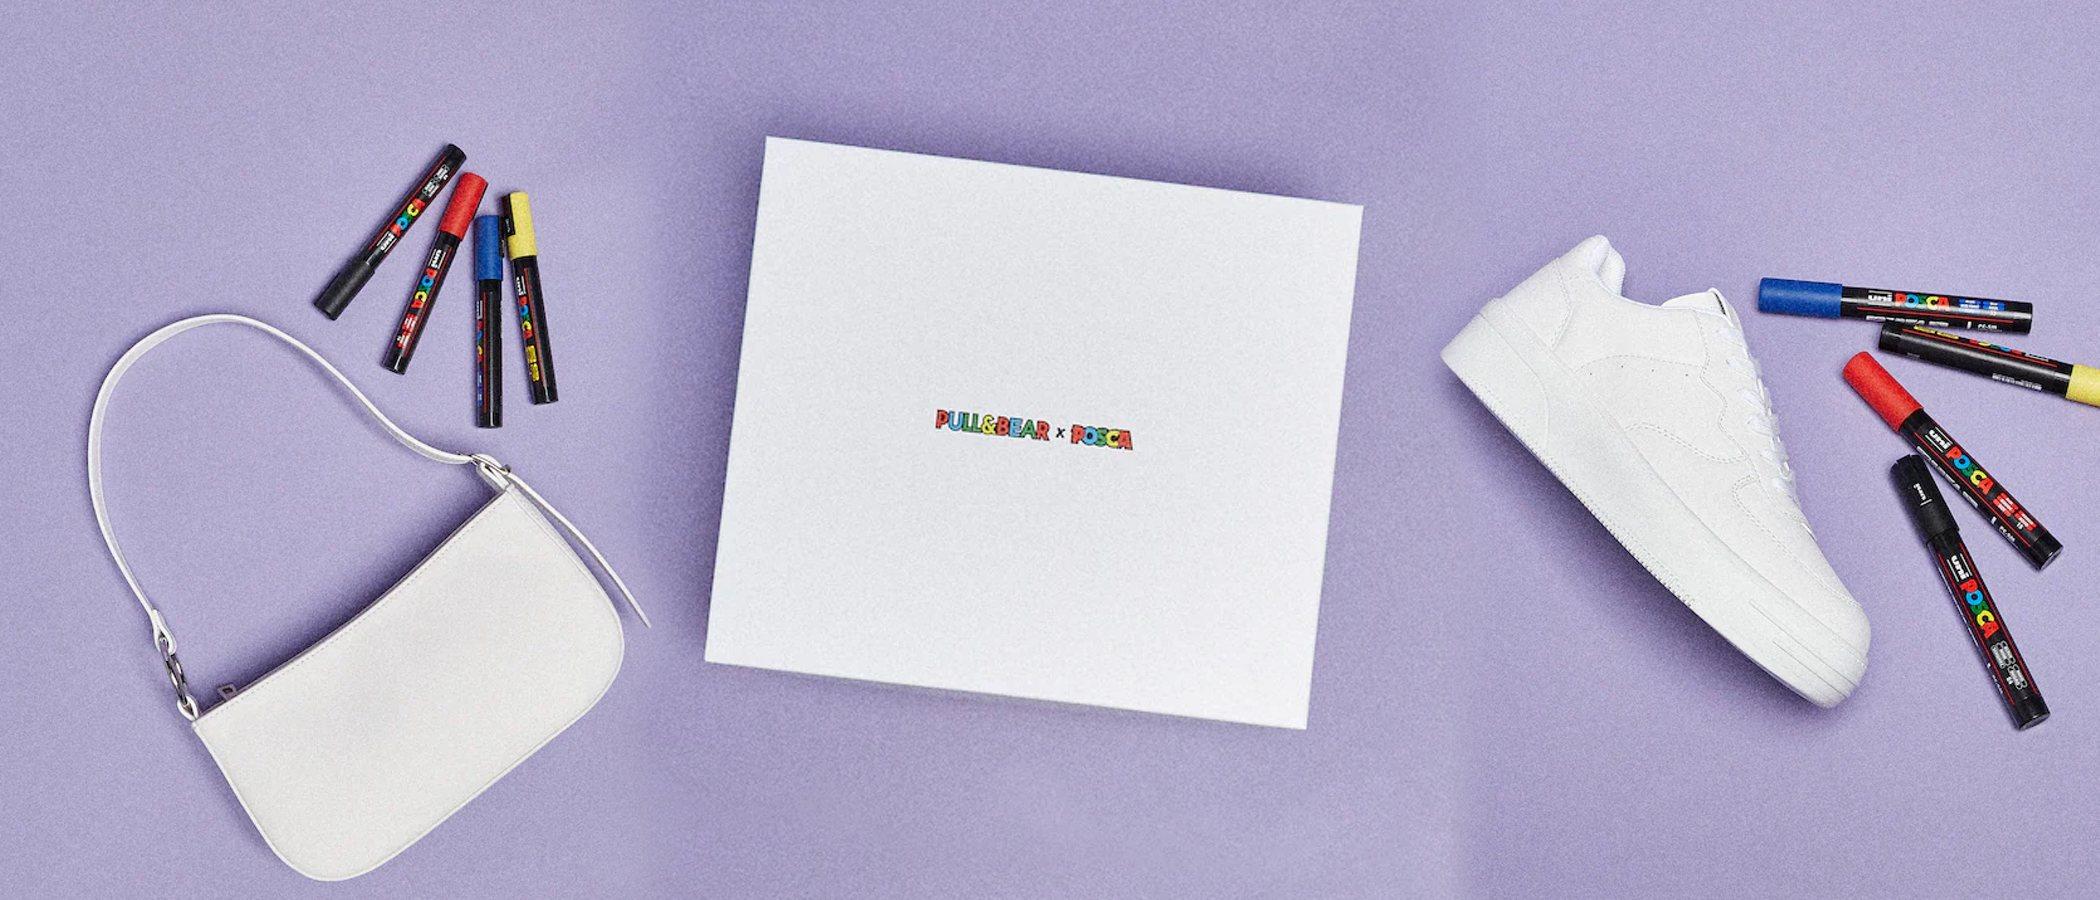 Pull&Bear te invita a sacar tu lado más creativo con su colección personalizable de la mano de Posca